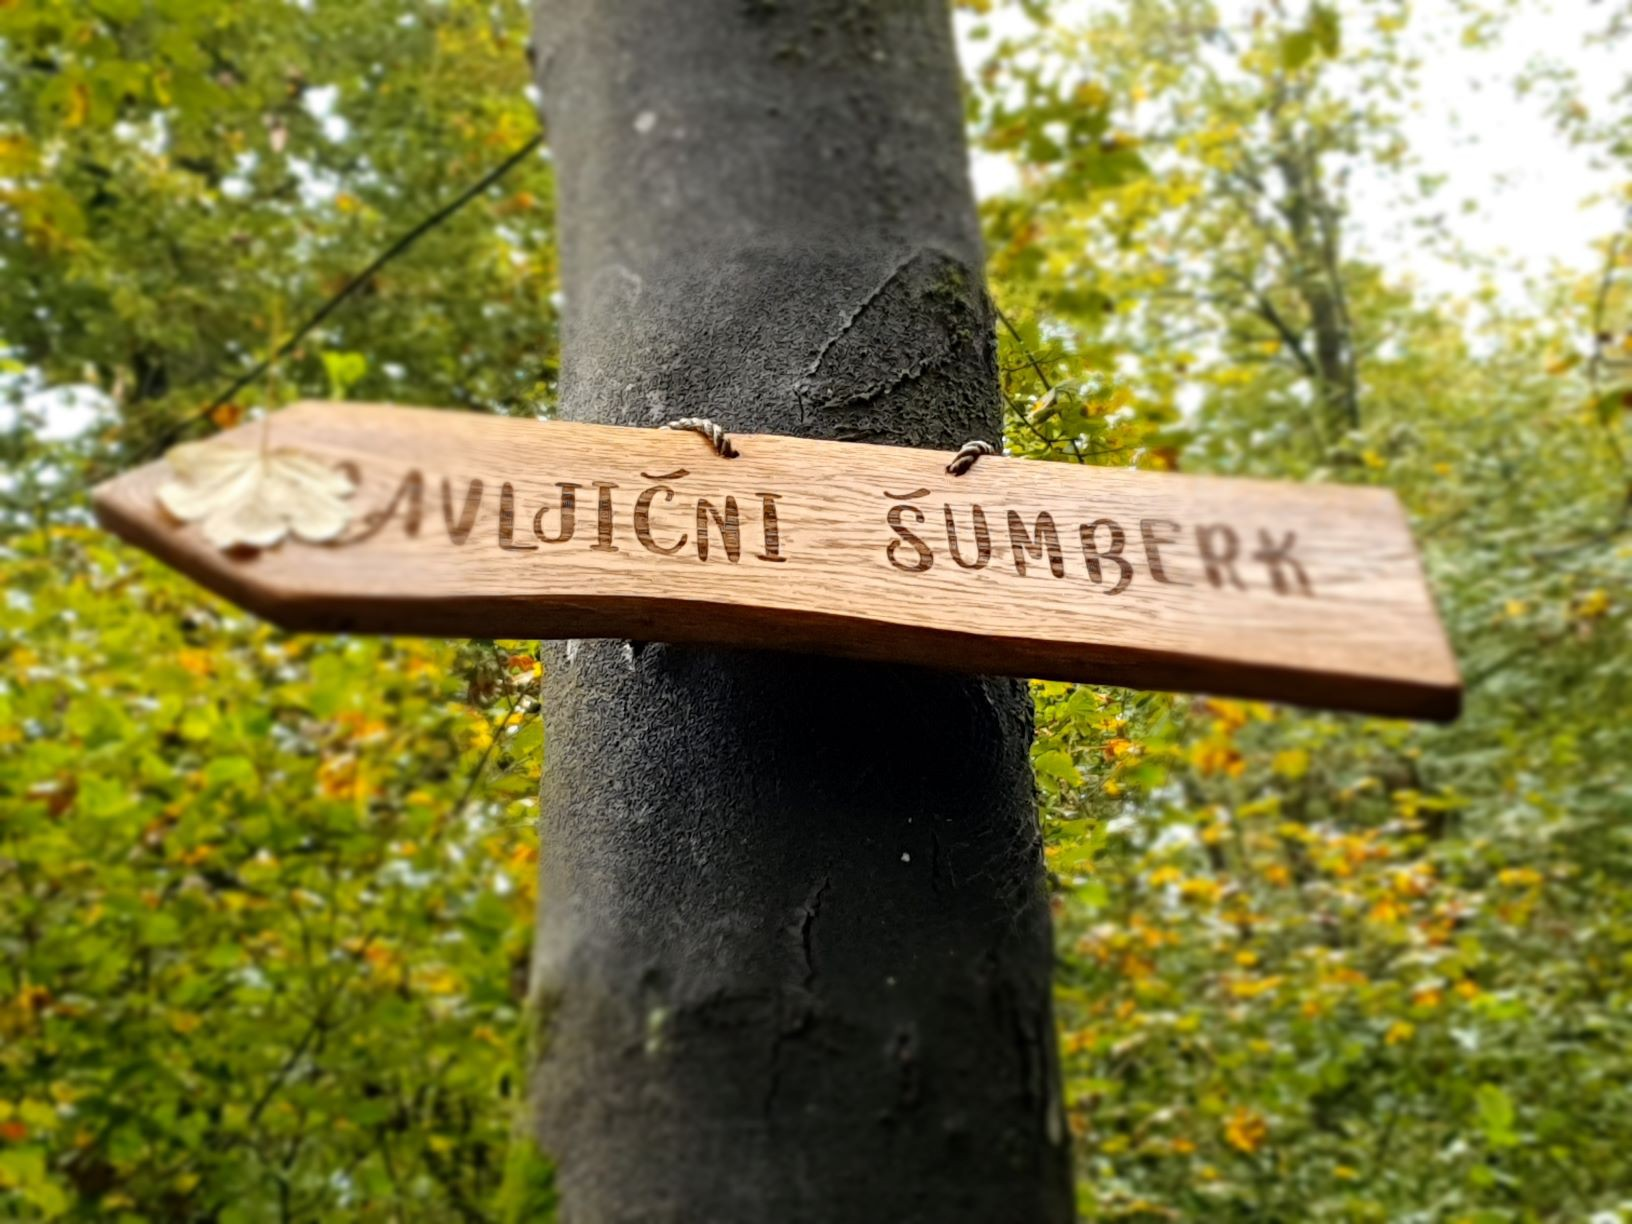 Pravljični Šumberk